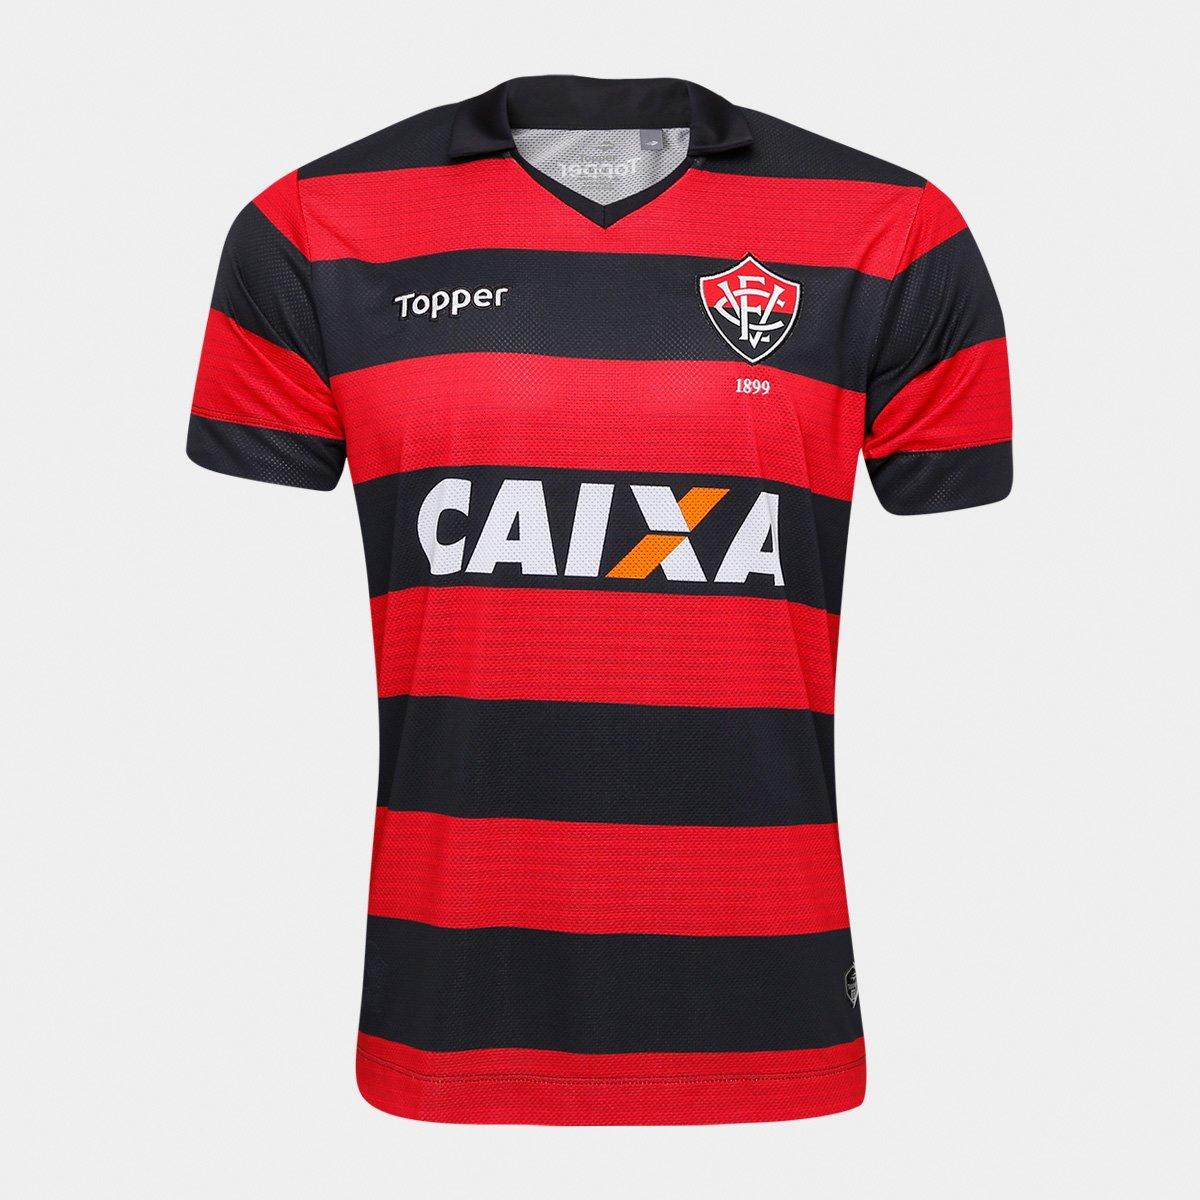 430142581b Camisa Vitória I 17 18 s n° - Torcedor Topper Masculina